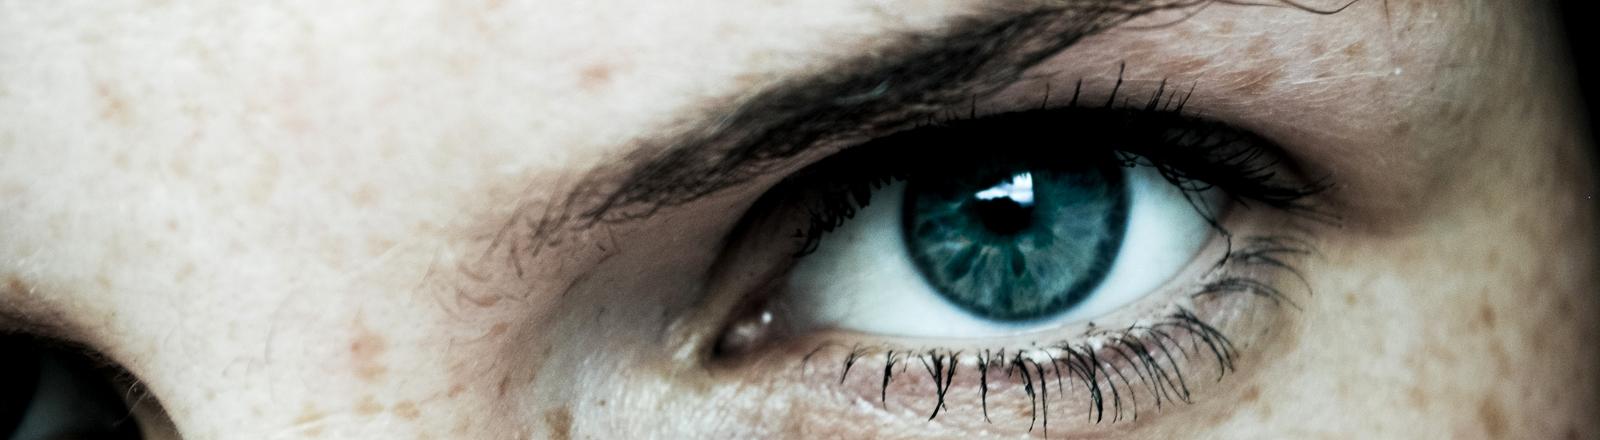 Ein Auge mit hochgezogener Augenbraue